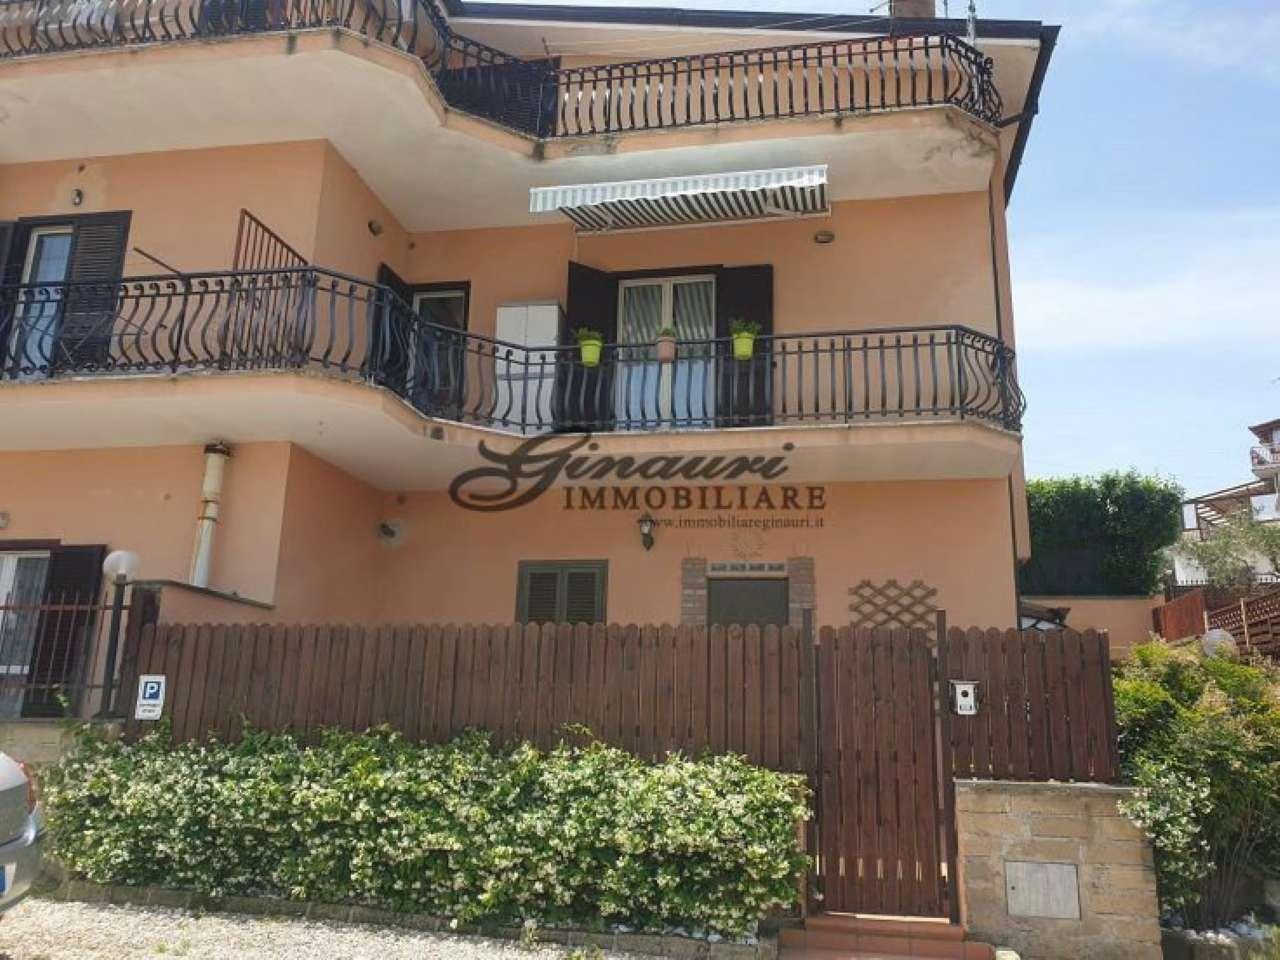 Appartamento in vendita a Capena, 2 locali, prezzo € 85.000 | CambioCasa.it